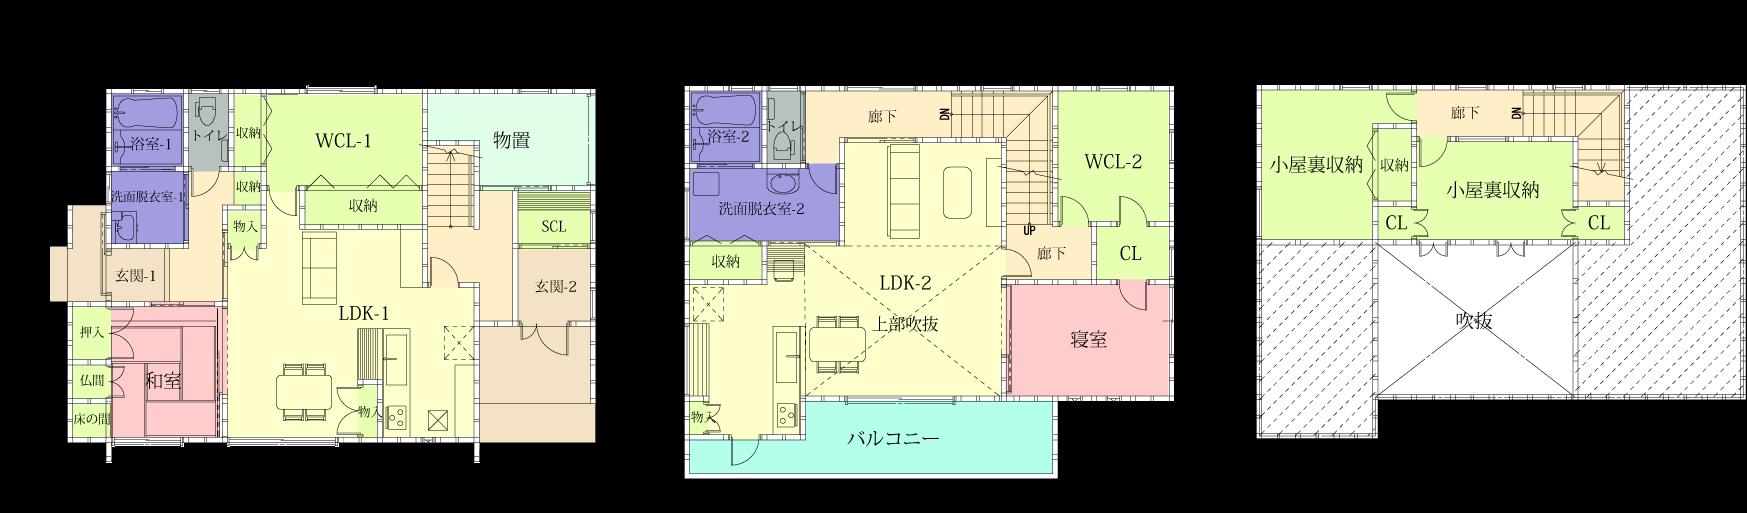 家の間取り | 刈谷市注文住宅